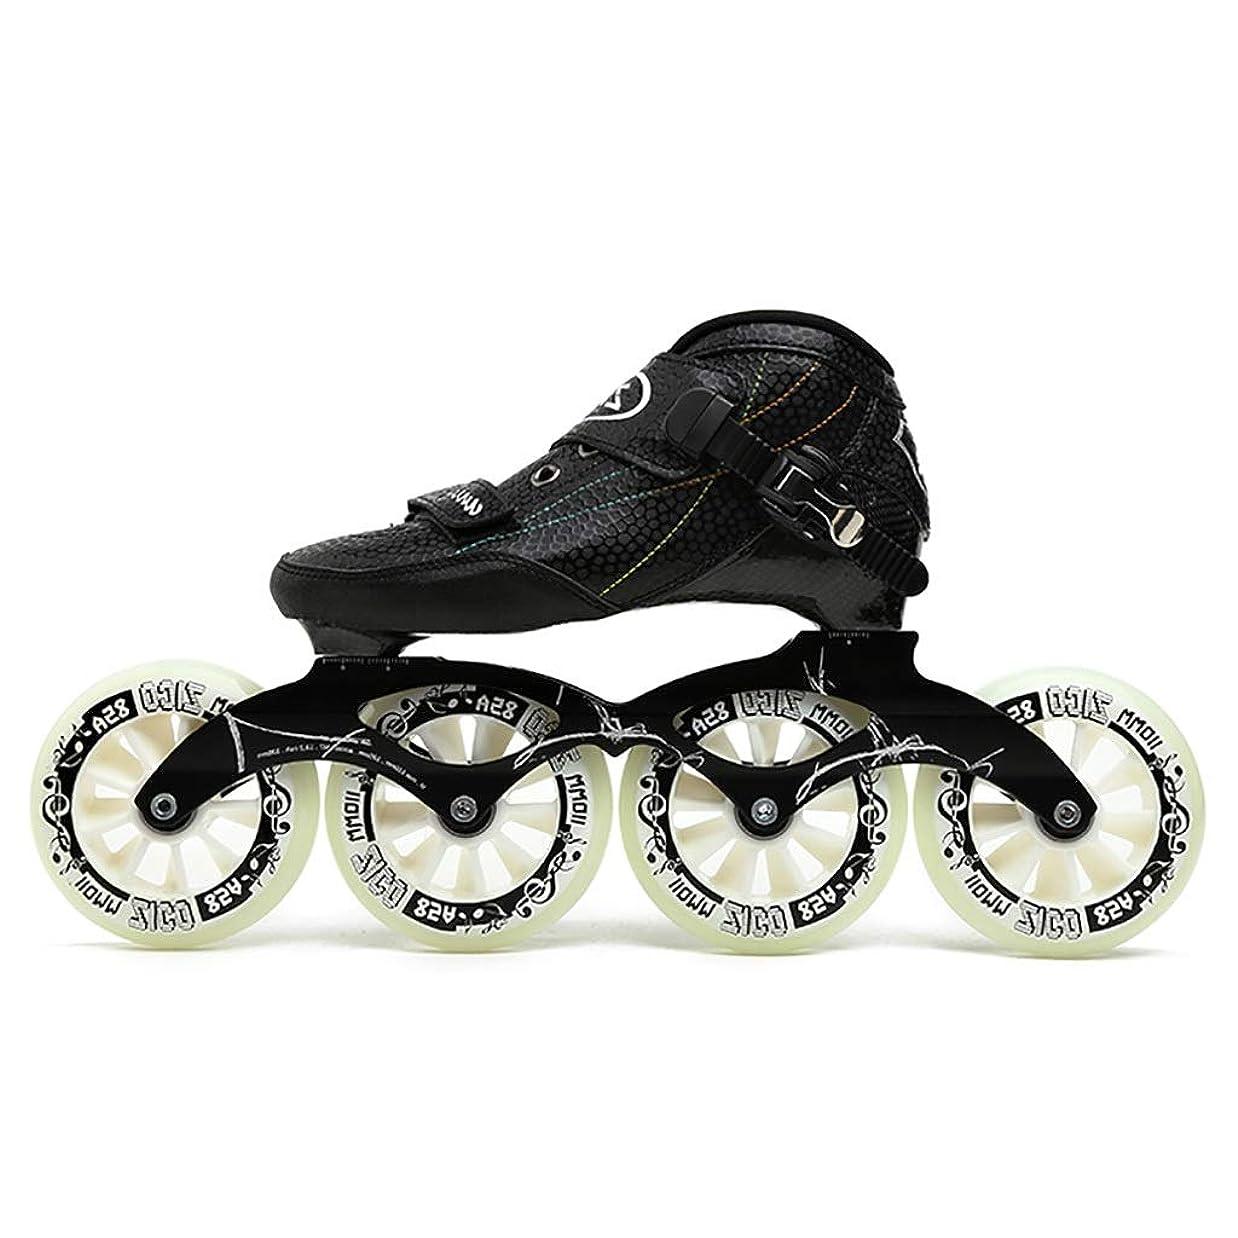 食欲それに応じて予約TKW インラインスケート、成人用レーシングシューズ、35?44ヤード、3色 インラインスケート (Color : A, Size : EU 42/US 9/UK 8/JP 26cm)